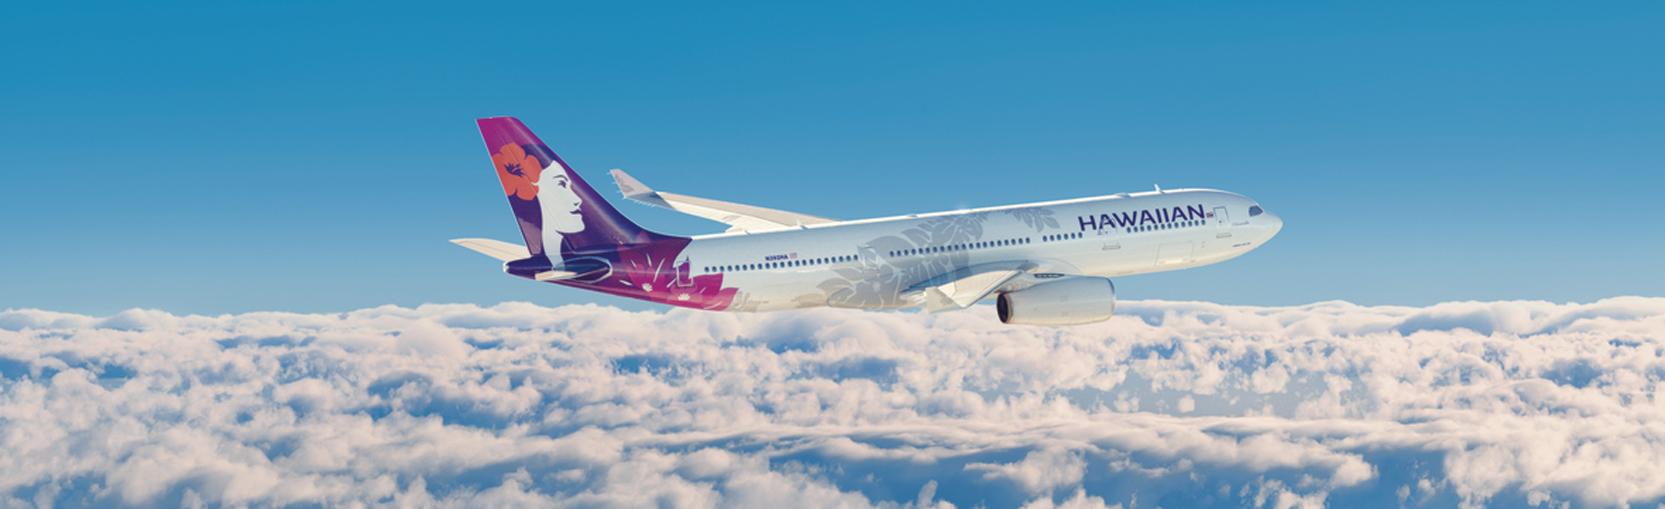 Resultado de imagen para hawaiian airlines A321 png